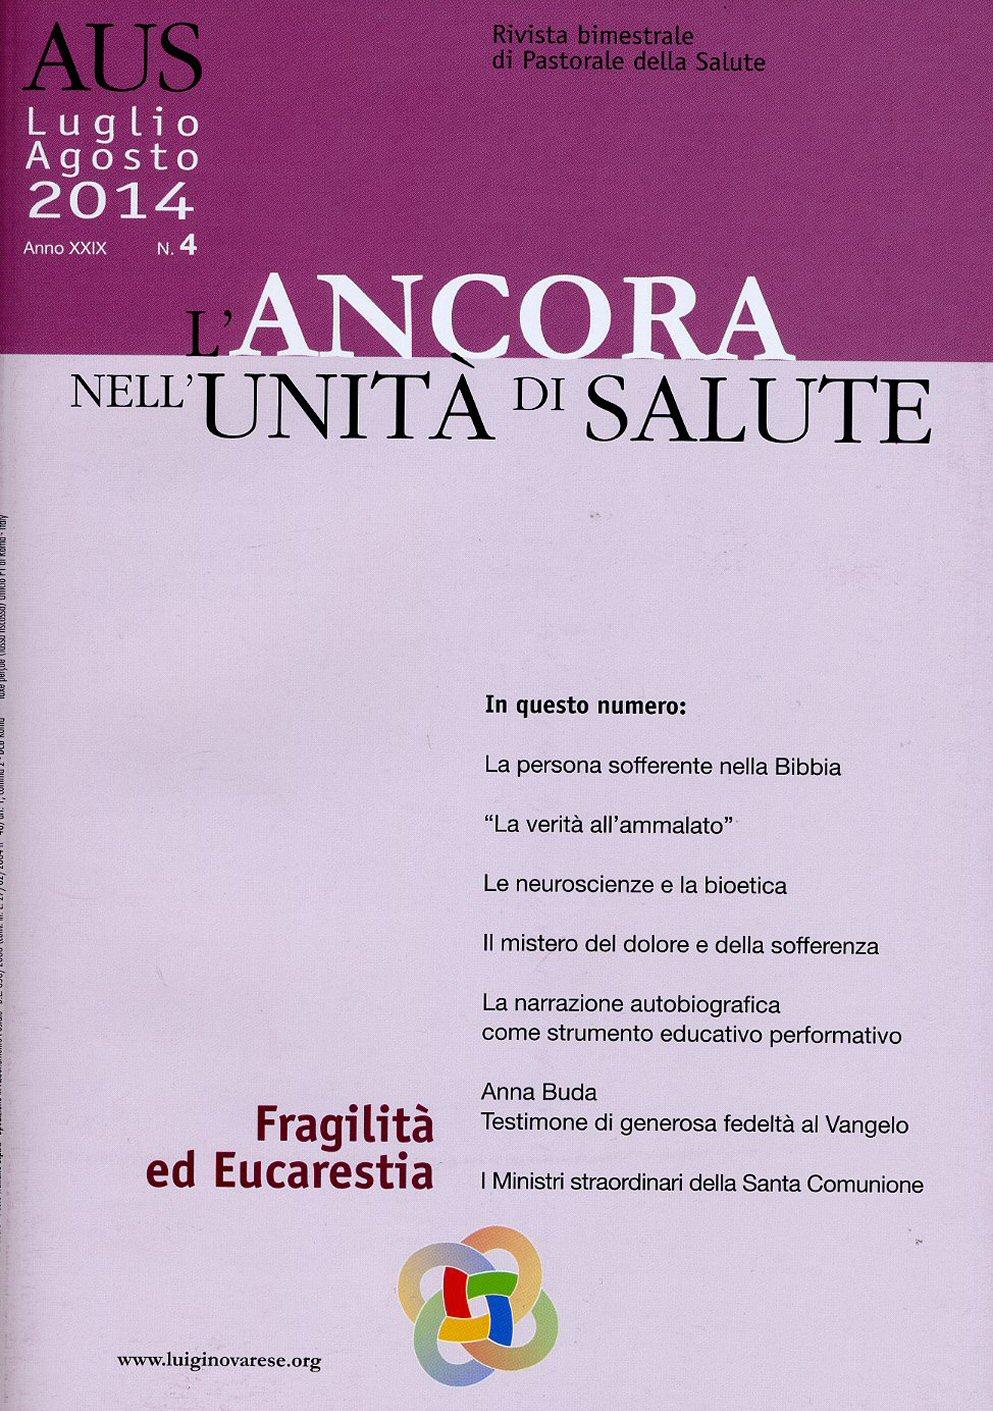 aus n.4